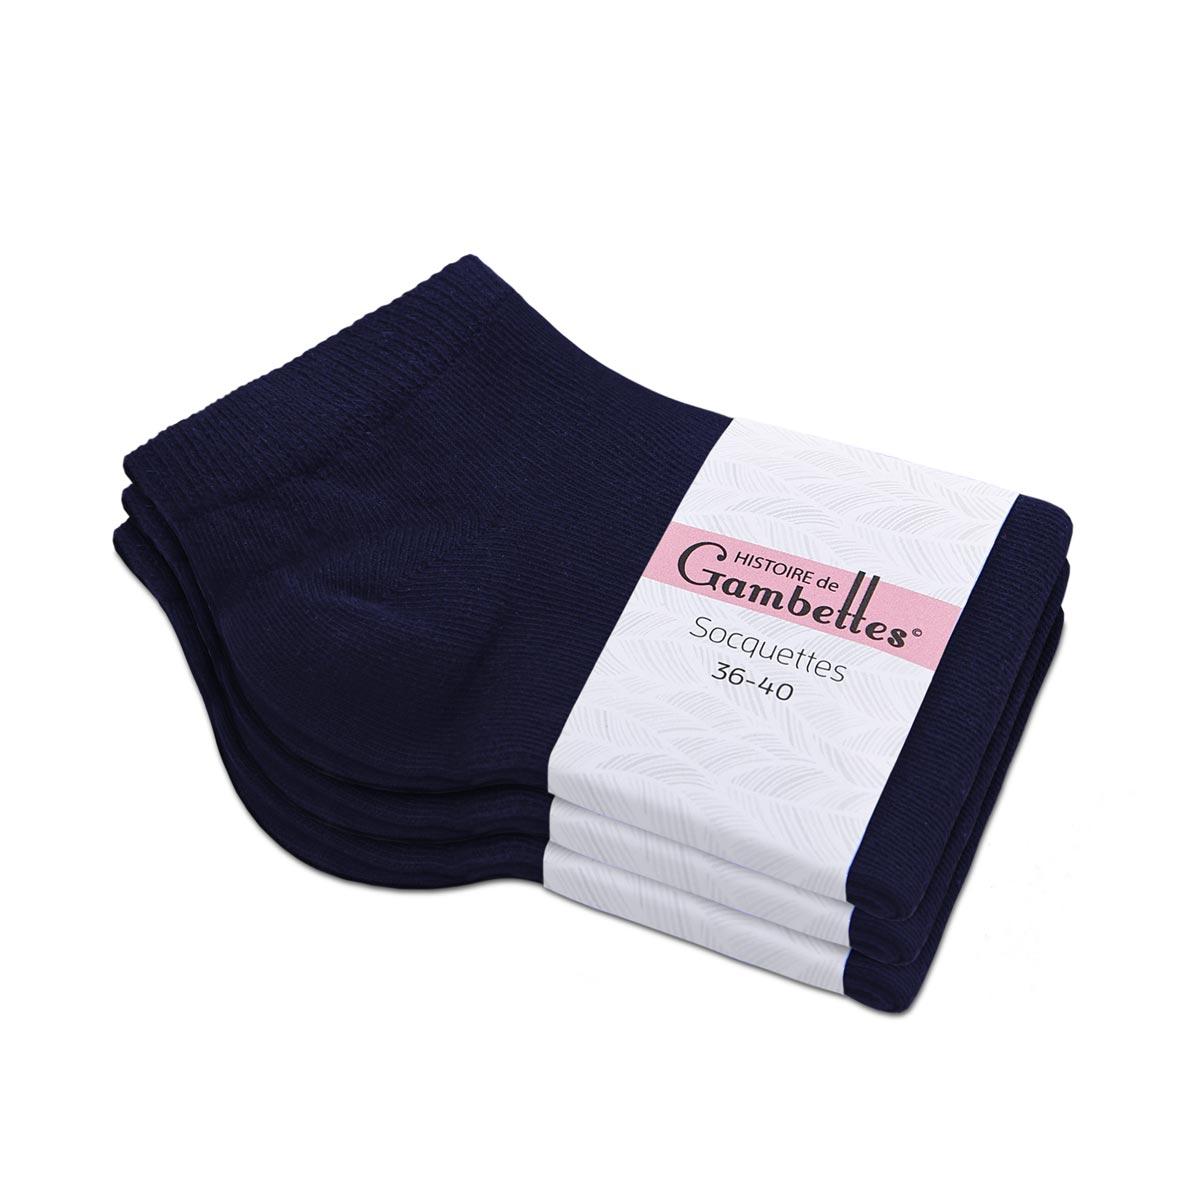 CH-00516_E12-1--_Soquettes-femme-bleu-marine-3-paires